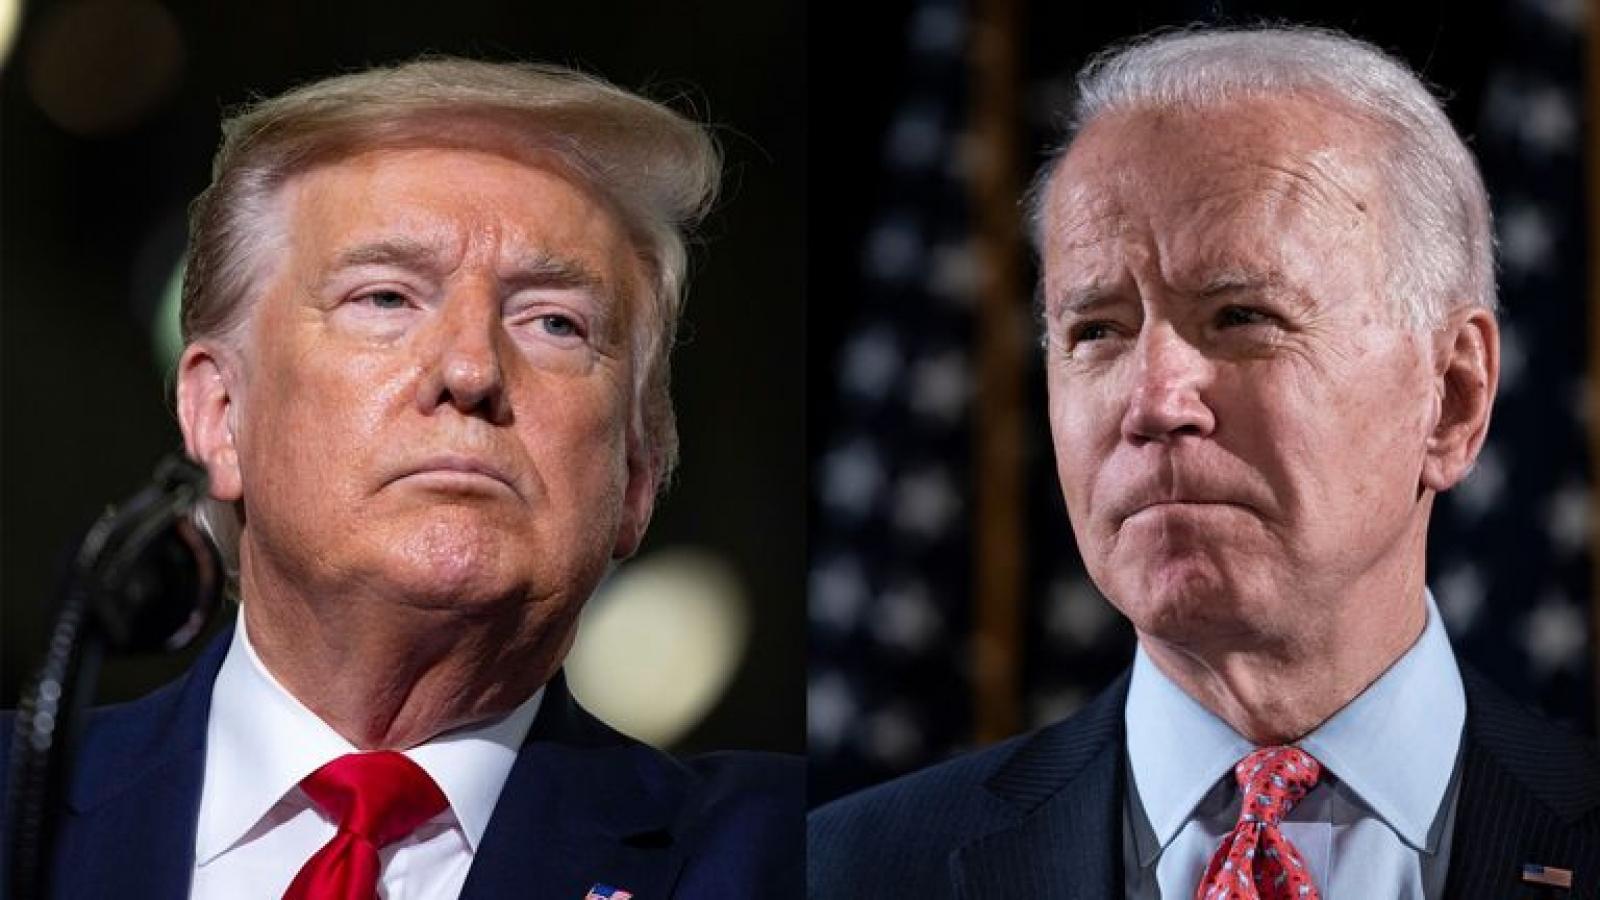 Chấn thương của Biden tiết lộ sự khác biệt giữa ông và Tổng thống Trump